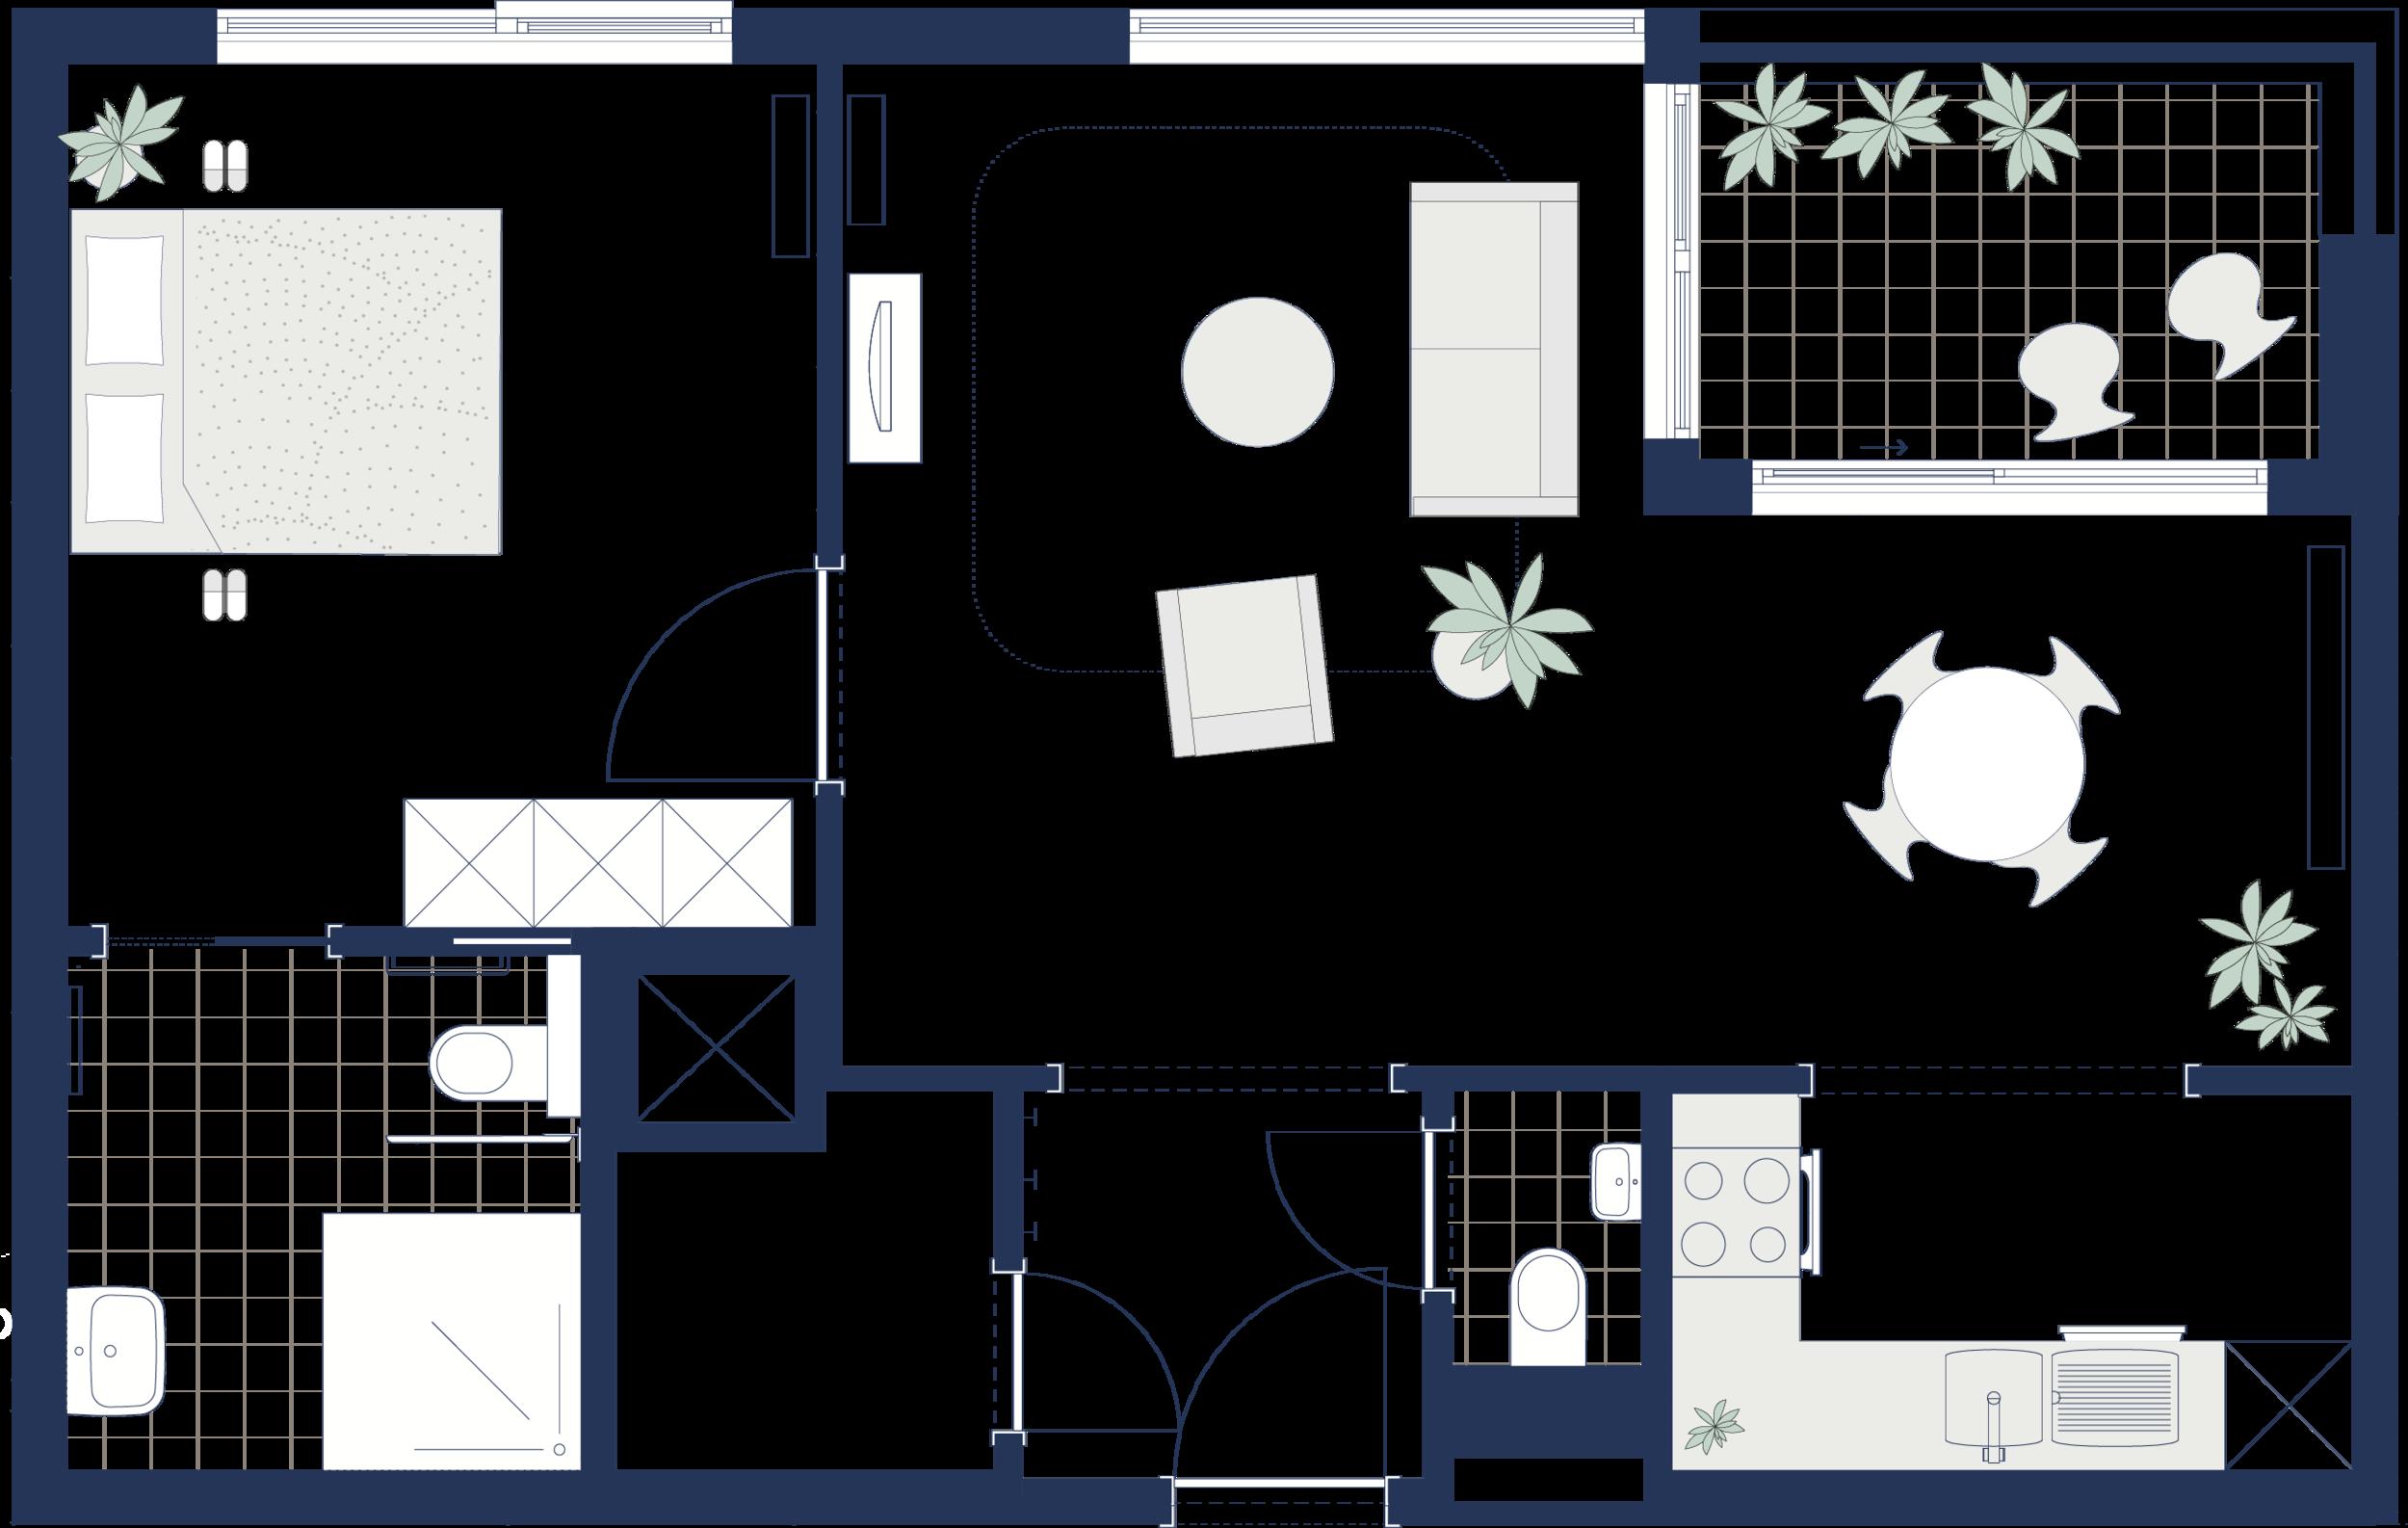 éénslaapkamerflat 67 m2 - type A